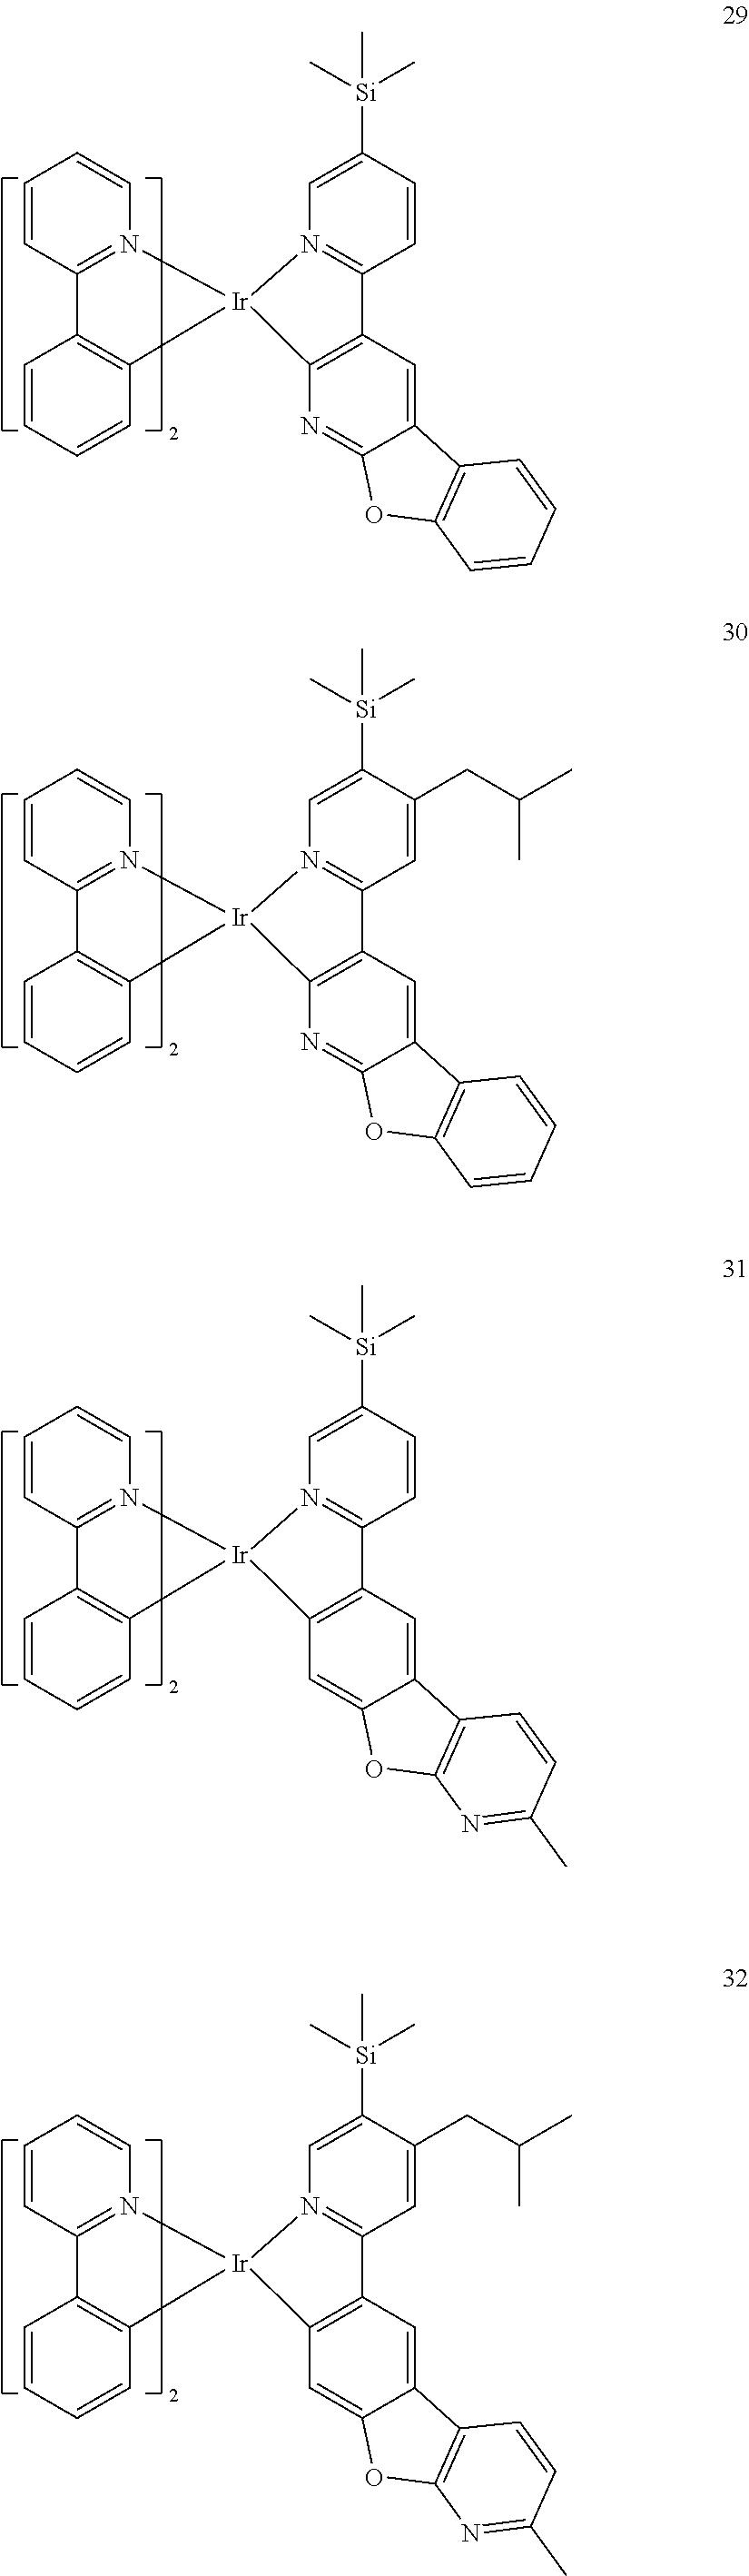 Figure US20160155962A1-20160602-C00067